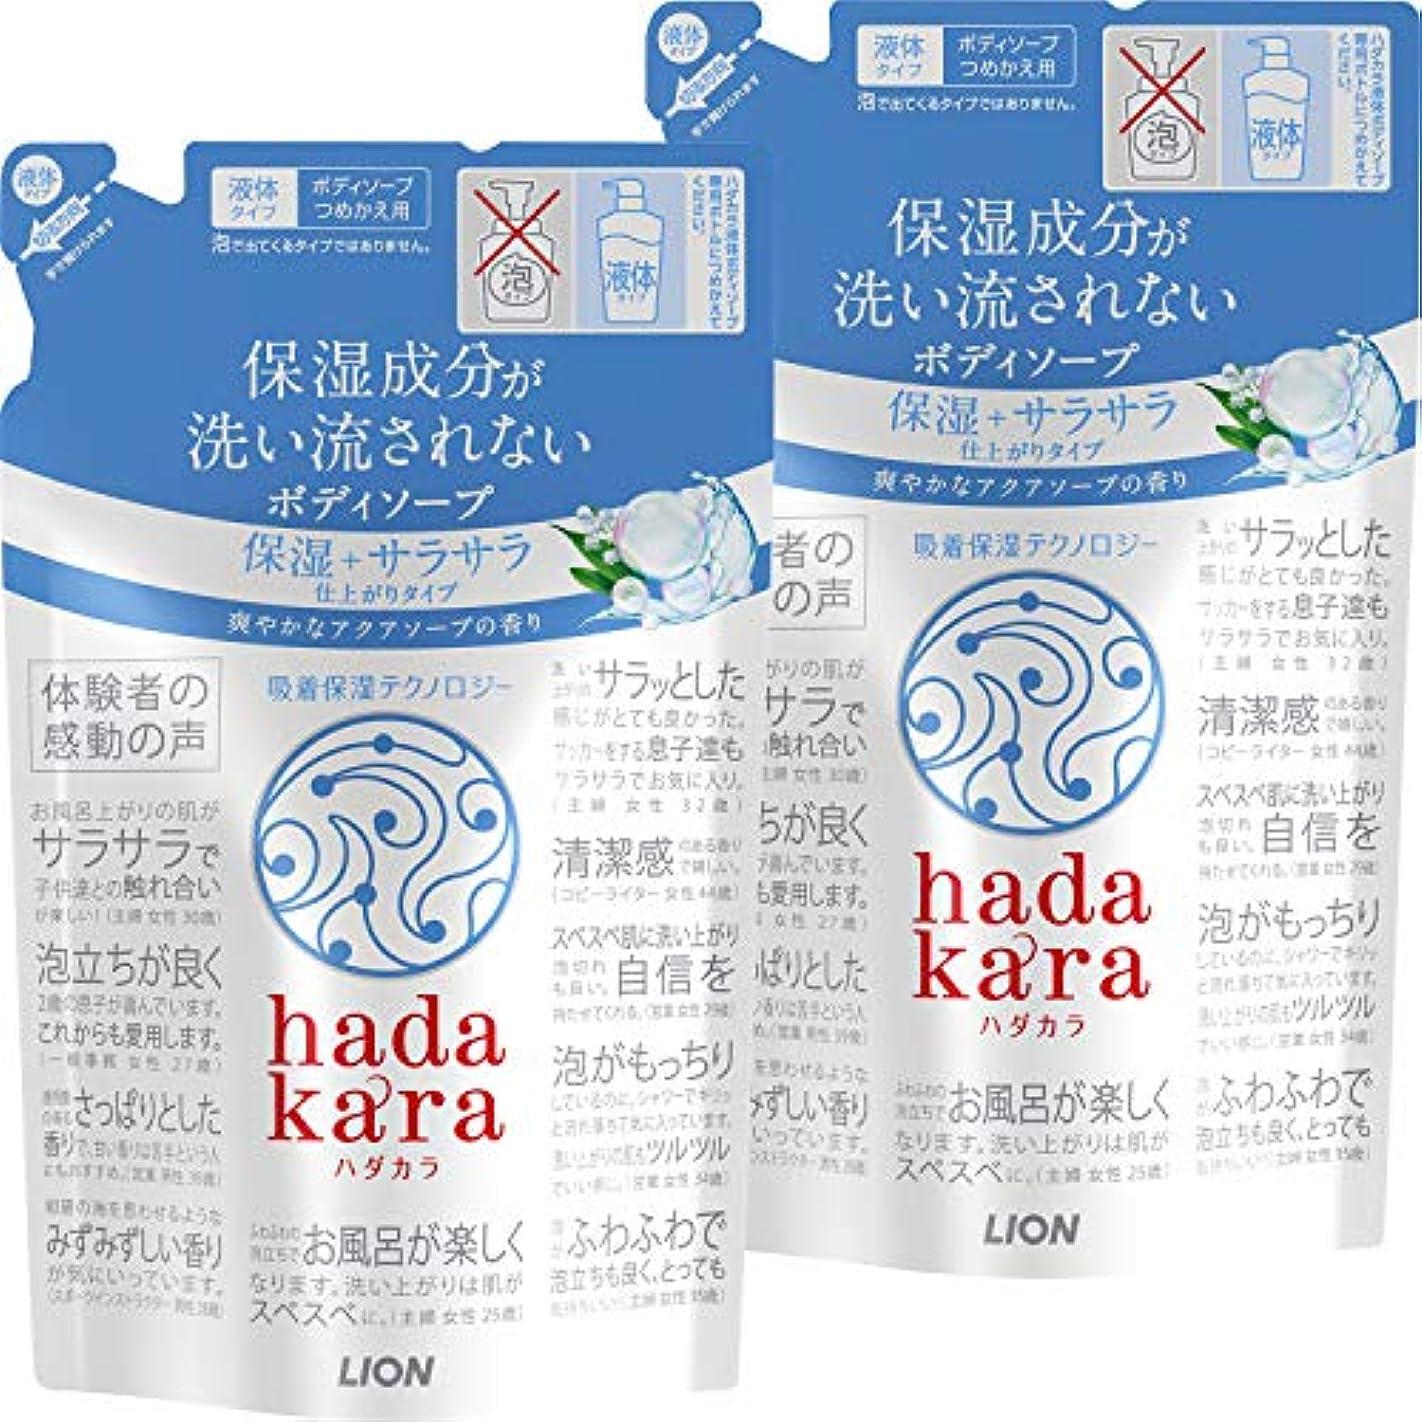 とグロースライス【まとめ買い】hadakara(ハダカラ) ボディソープ 保湿+サラサラ仕上がりタイプ アクアソープの香り 詰め替え 340ml×2個パック